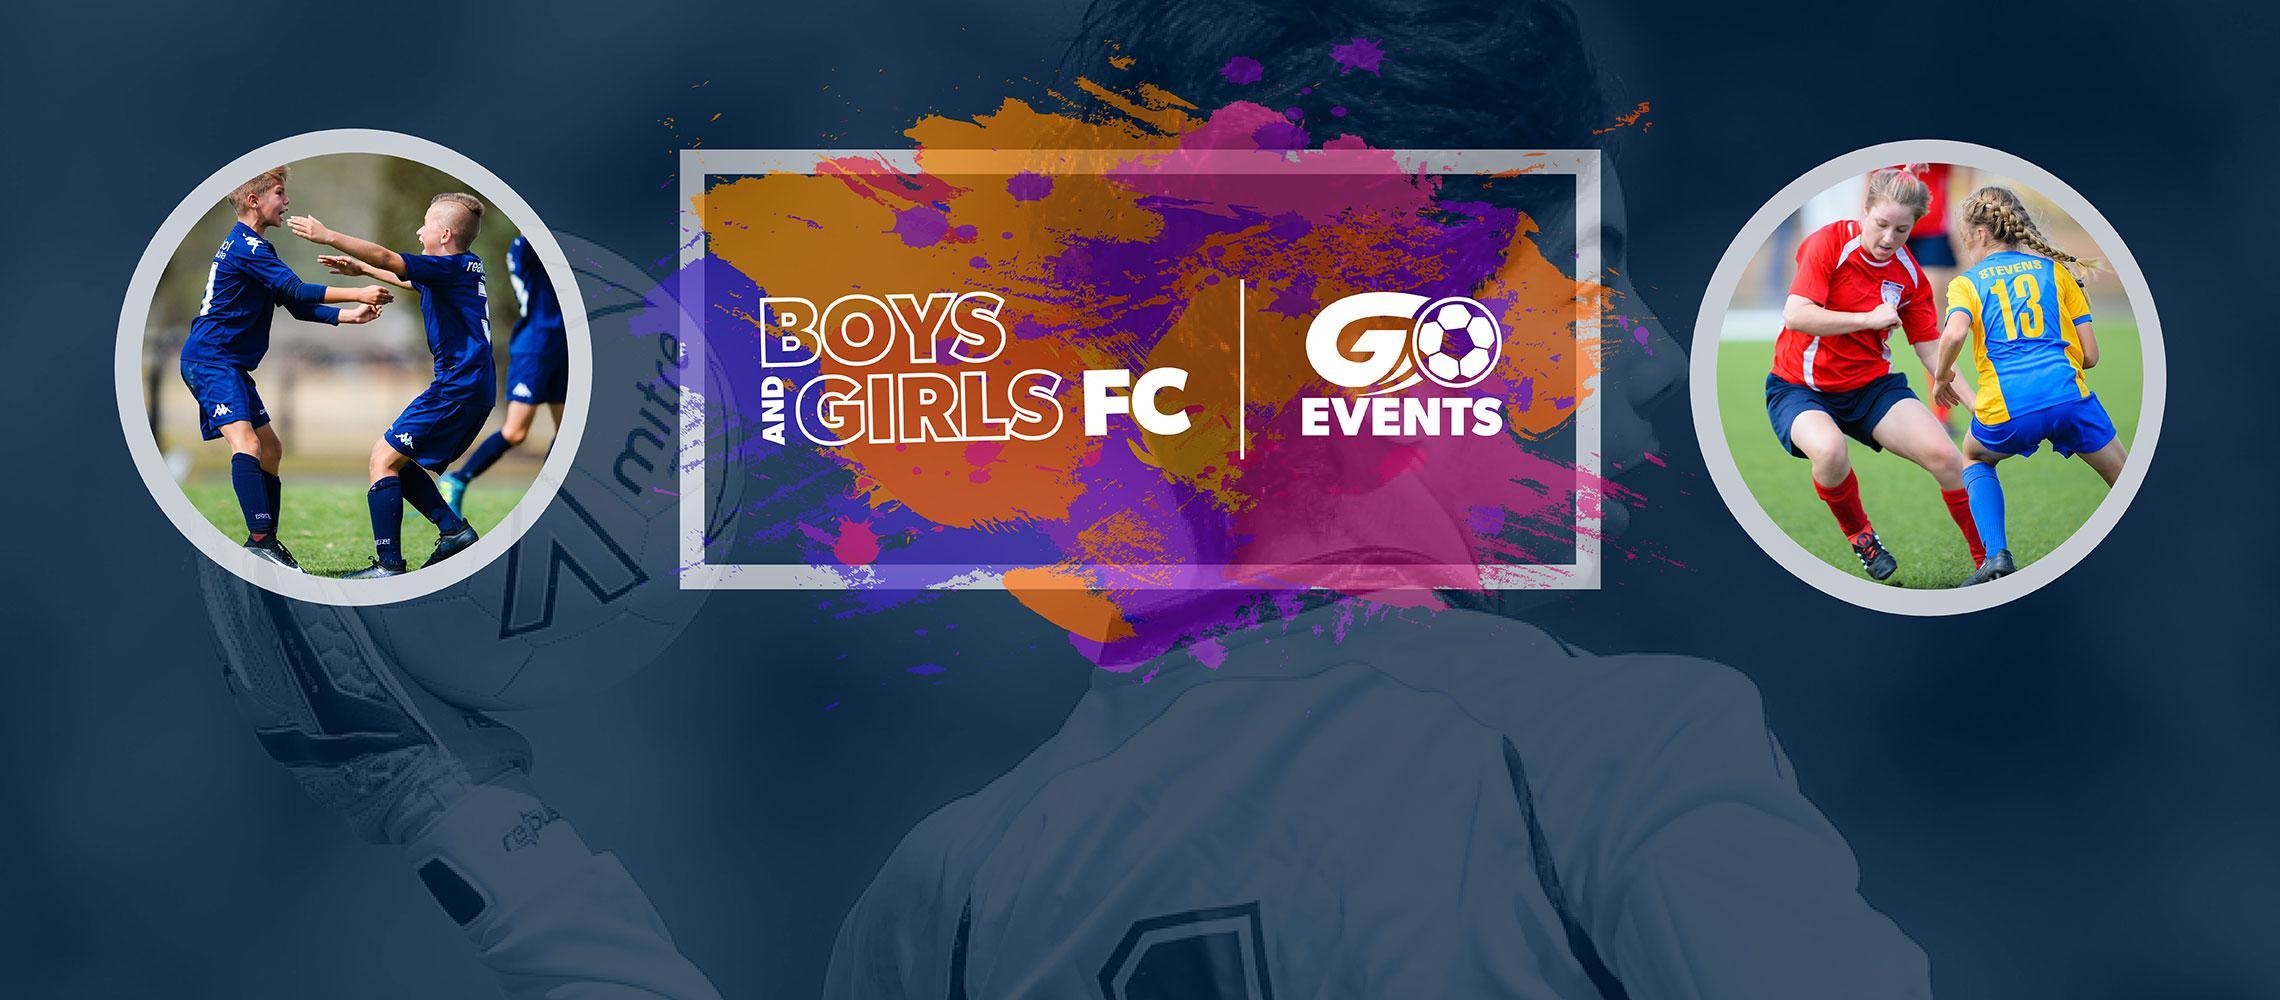 Boys Girls FC